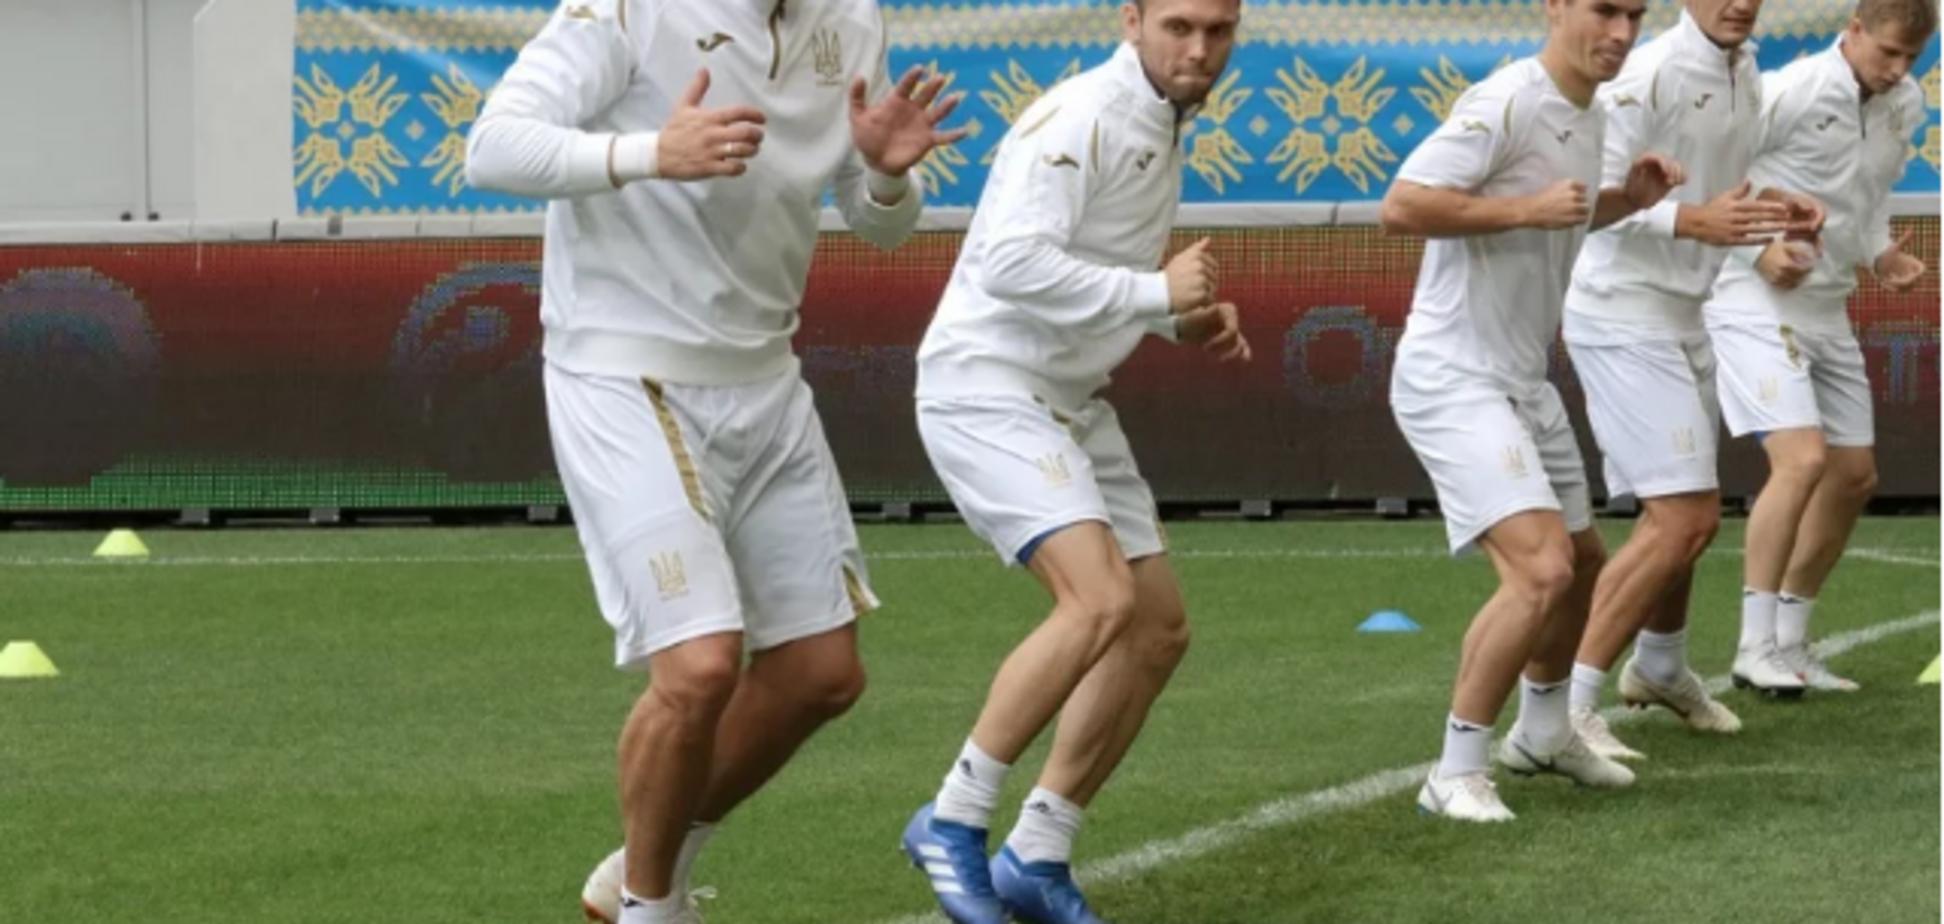 Стало відомо про сенсаційний трансфер футболіста збірної України